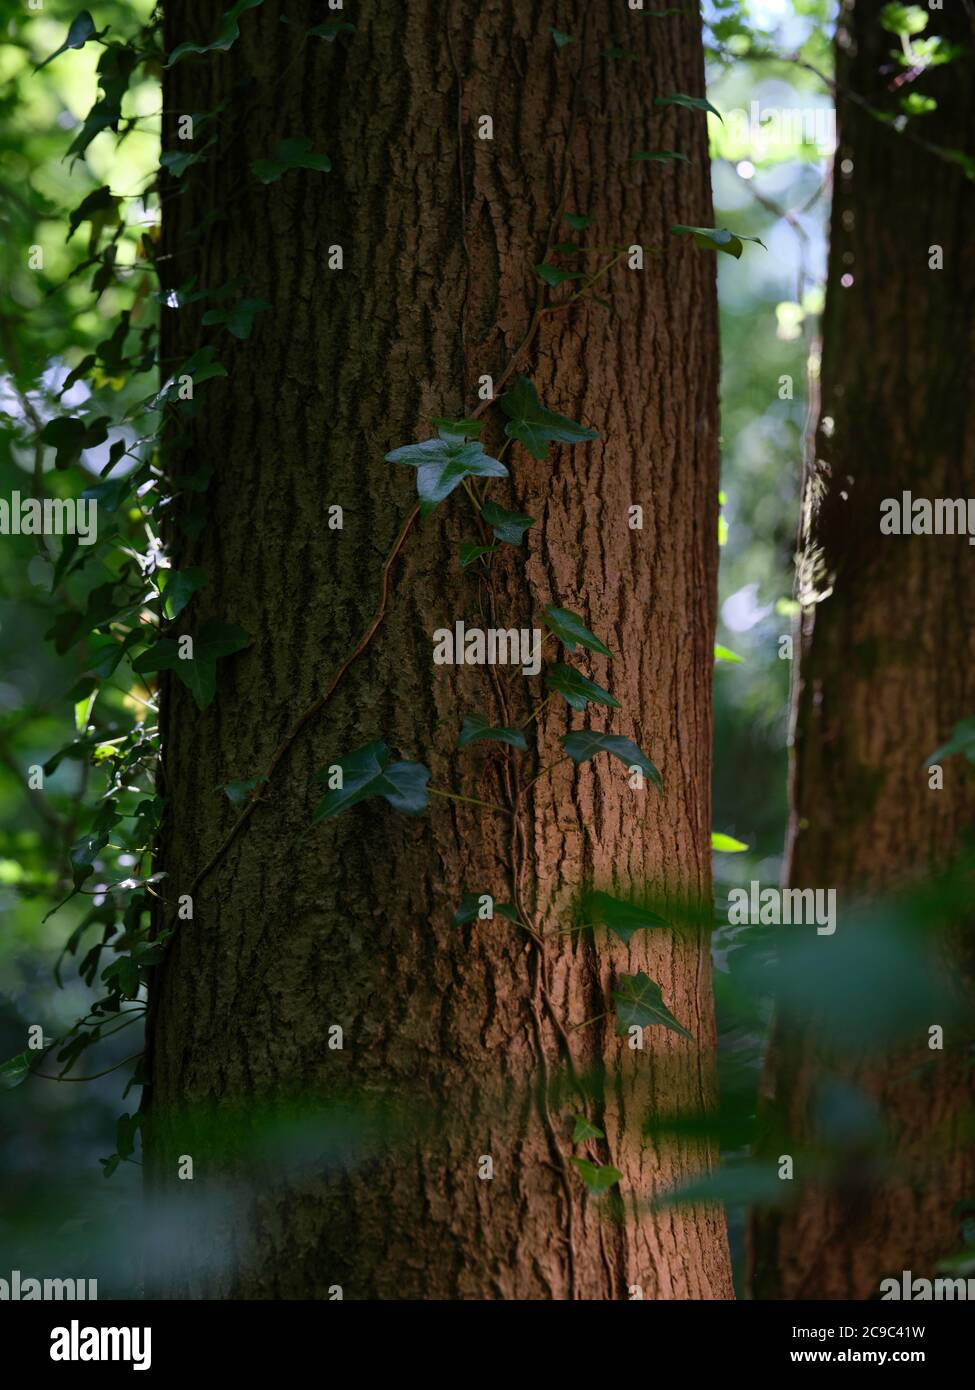 Hedera helix, Efeu, Efeu, Efeu, Efeu, oder einfach nur Efeu, eine blühende Pflanze aus der Familie Araliaceae, eine immergrüne Kletterpflanze. Stockfoto